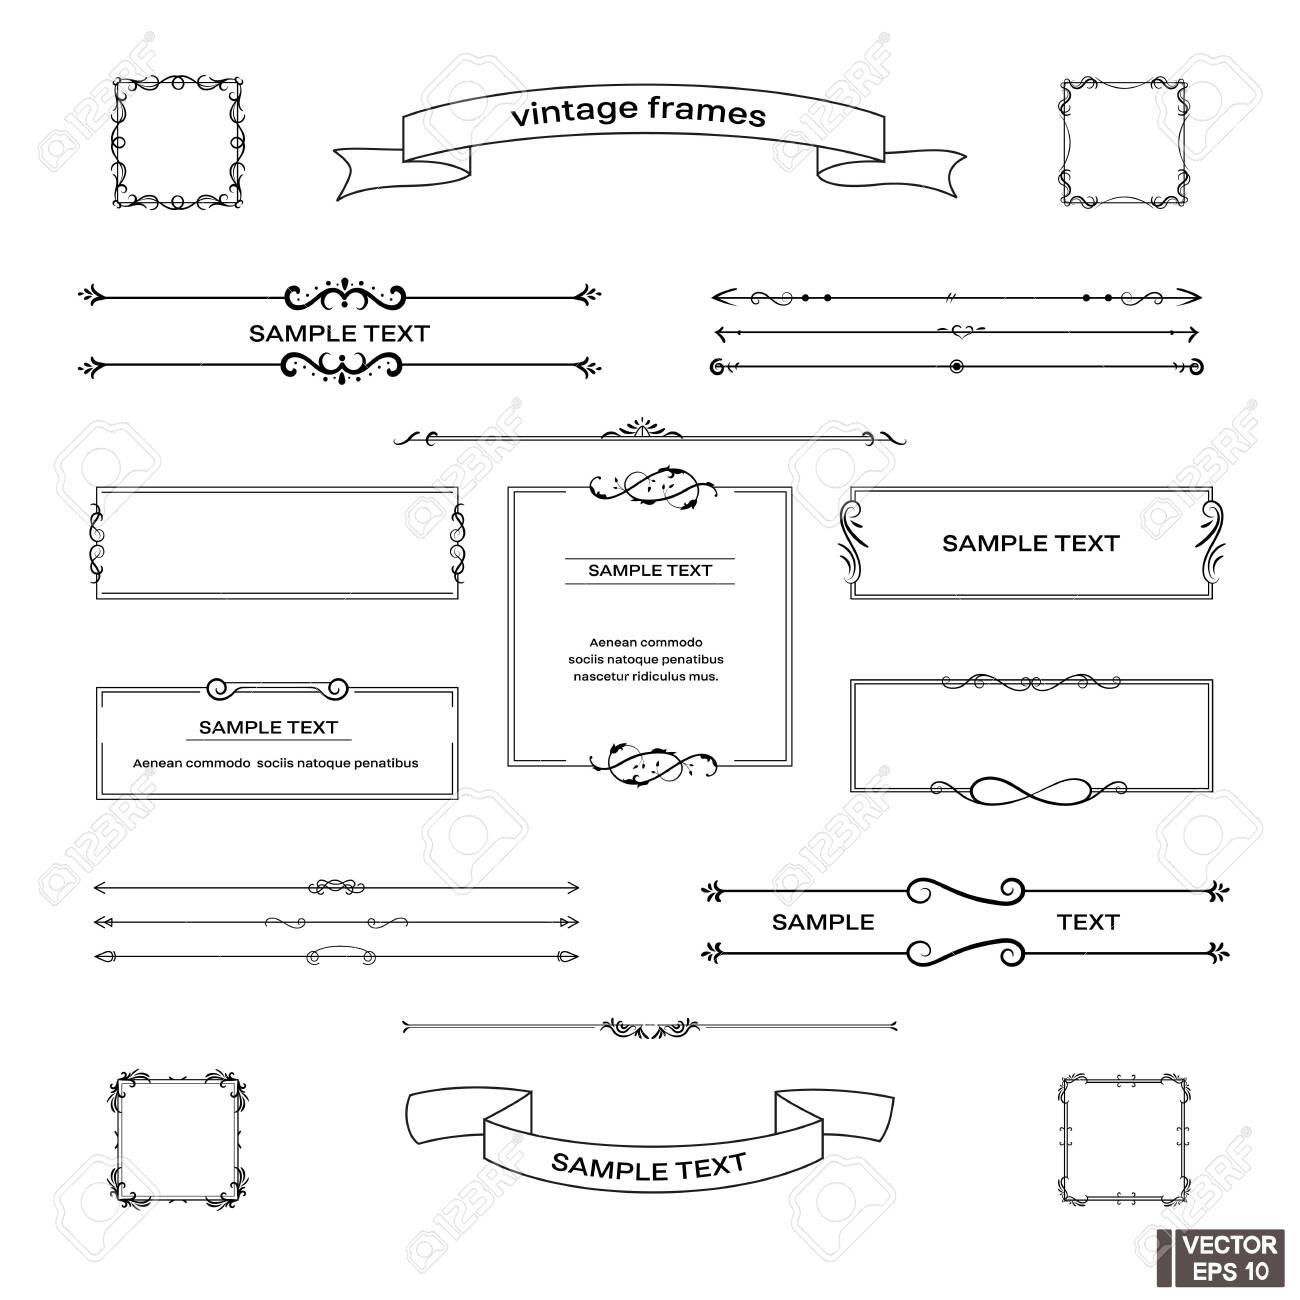 Vector image. Set of vintage frames. Scrolls and curls, elements for design. - 135074415